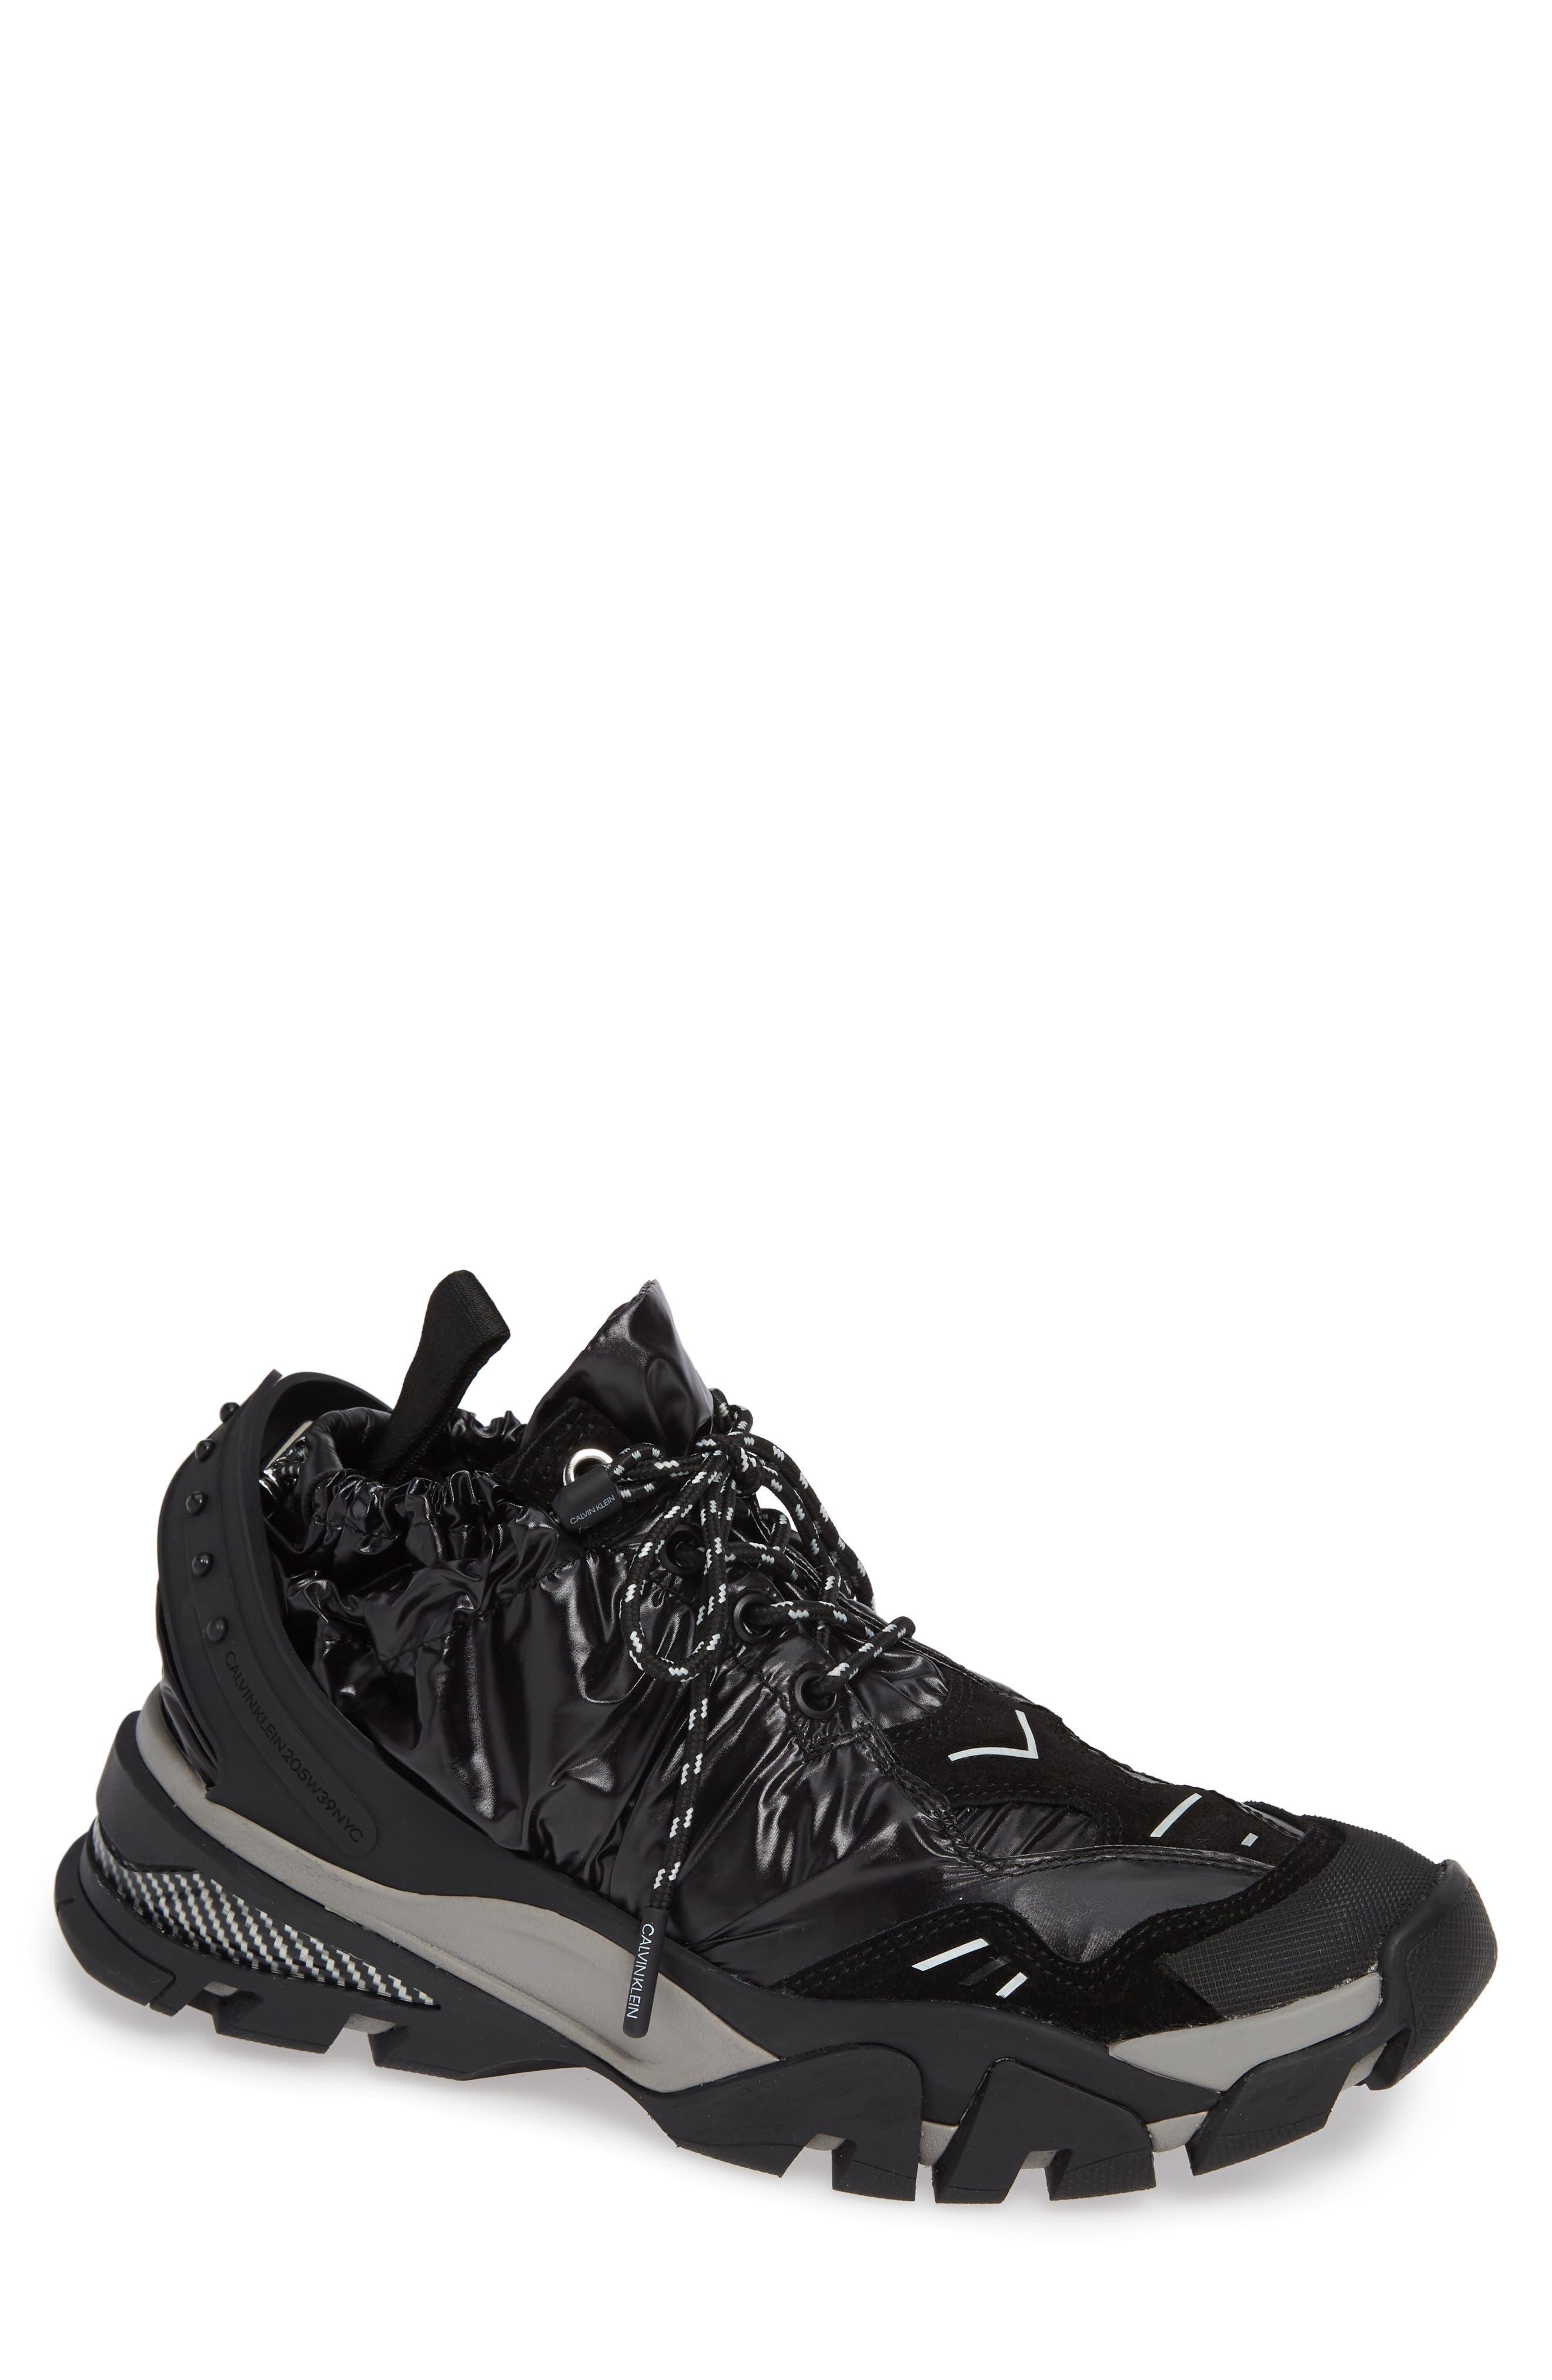 Carsdat 10 Elastic Sneaker,                         Main,                         color, BLACK